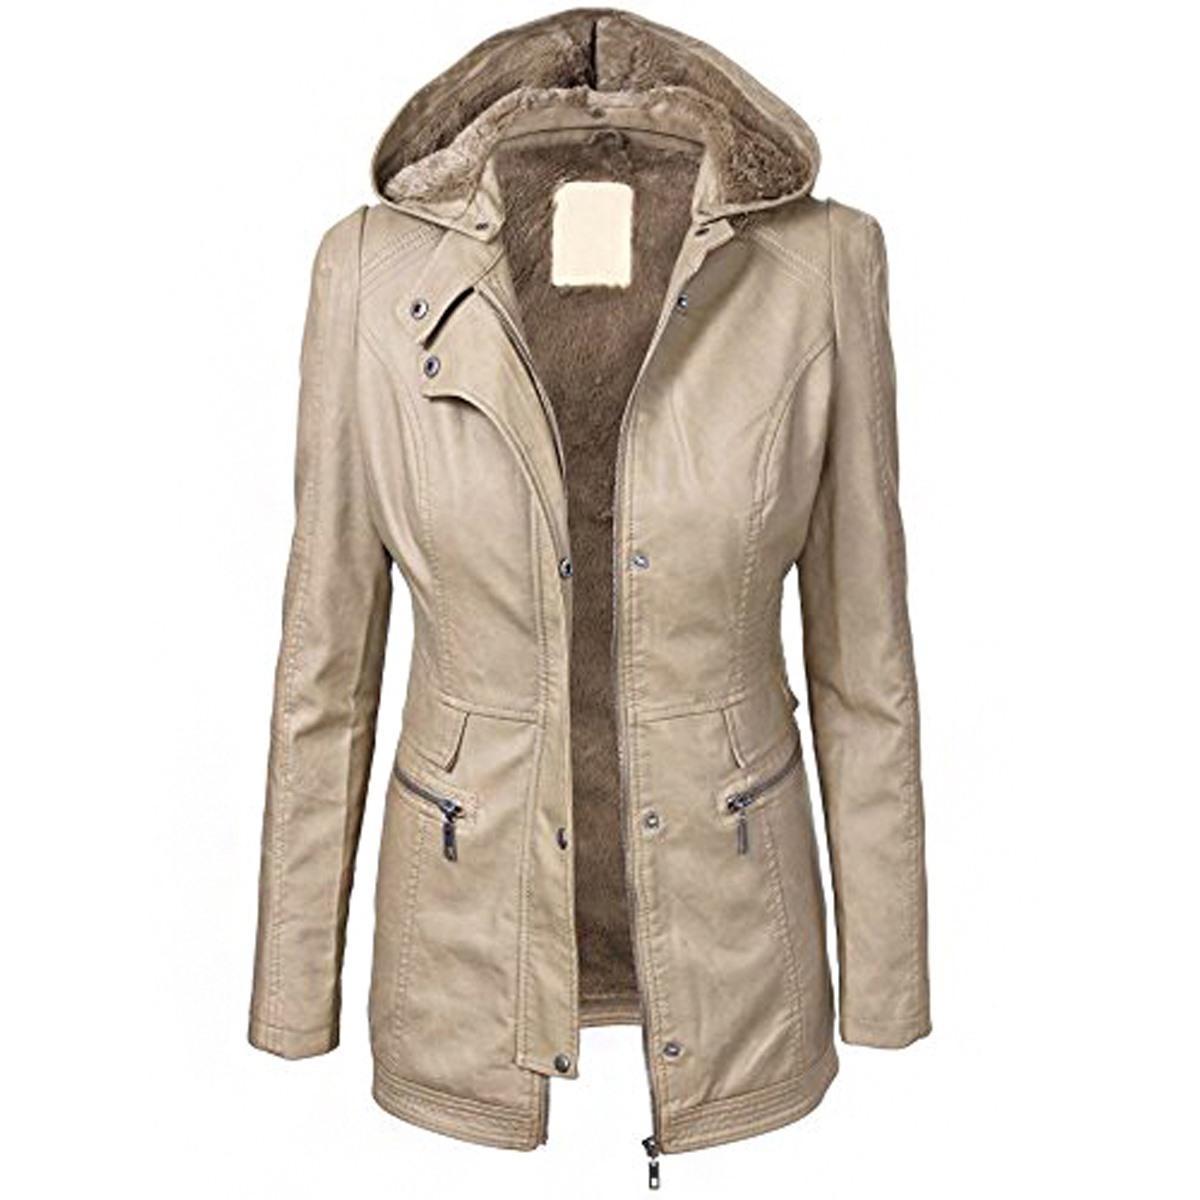 Vêtements Nouveau Dessus Femmes Solide Plus Slim Outwear Éclair Fermeture Automne 2019 Manteau Mode Veste Capuche Acheter Taille À Bouton Hiver Épais Chaude Owpq54R4f